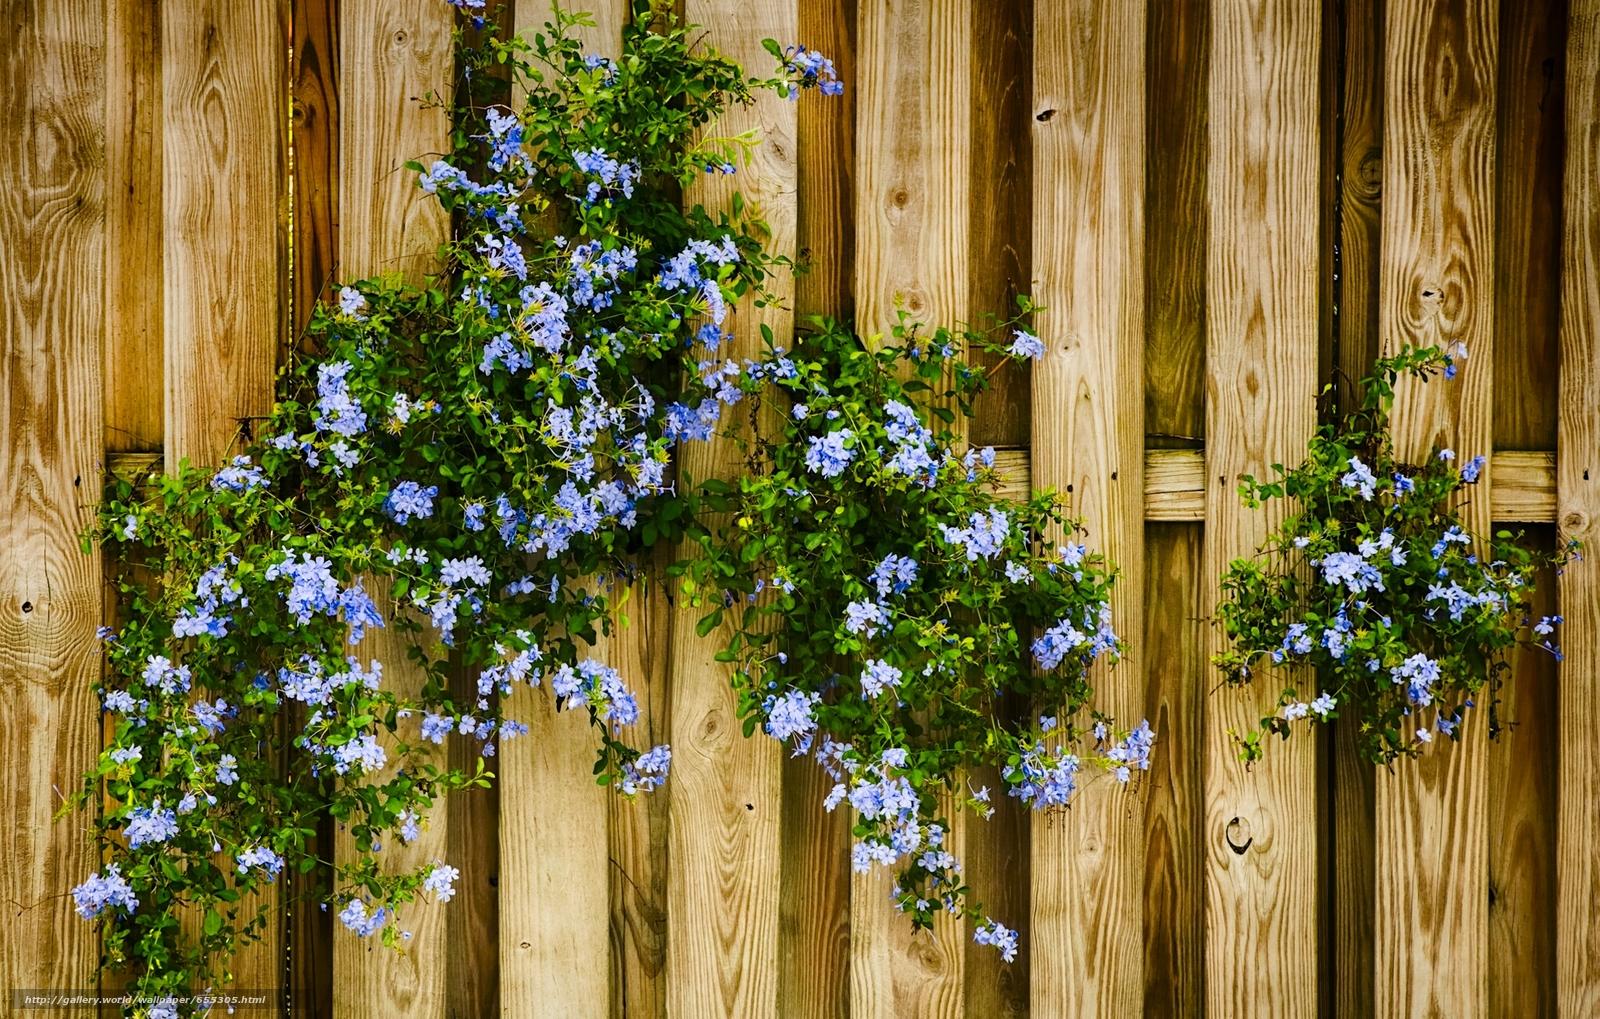 Download Hintergrund Blumen,  blau,  Umzäunung Freie desktop Tapeten in der Auflosung 2048x1304 — bild №655305